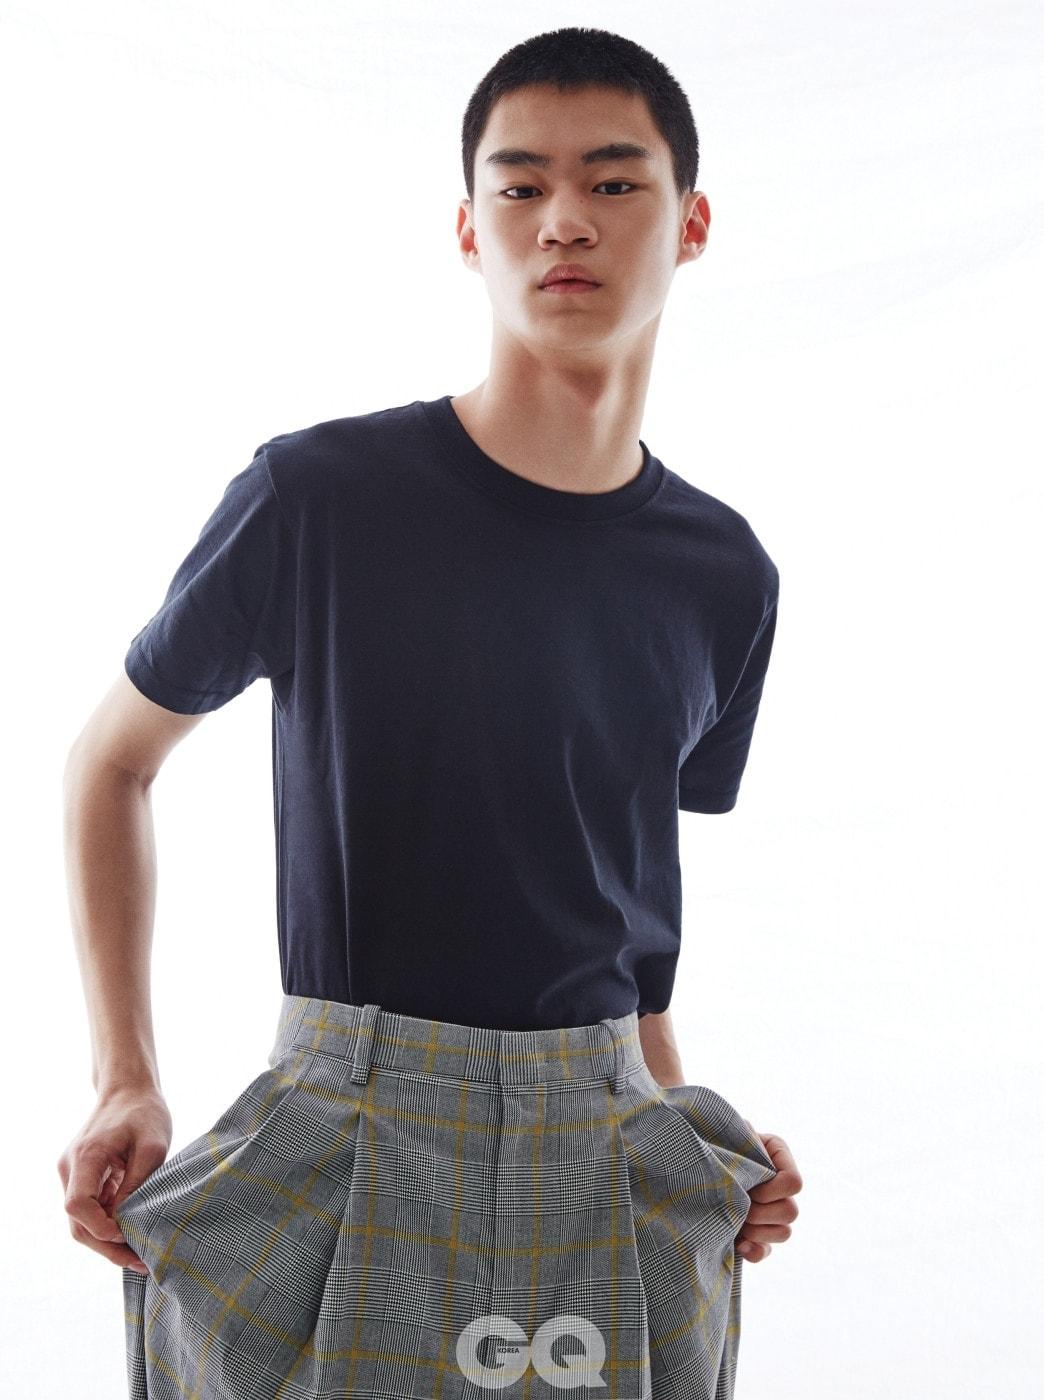 블랙 티셔츠 가격 미정, 빌리어네어. 체크 와이드 팬츠 가격 미정, 우영미.